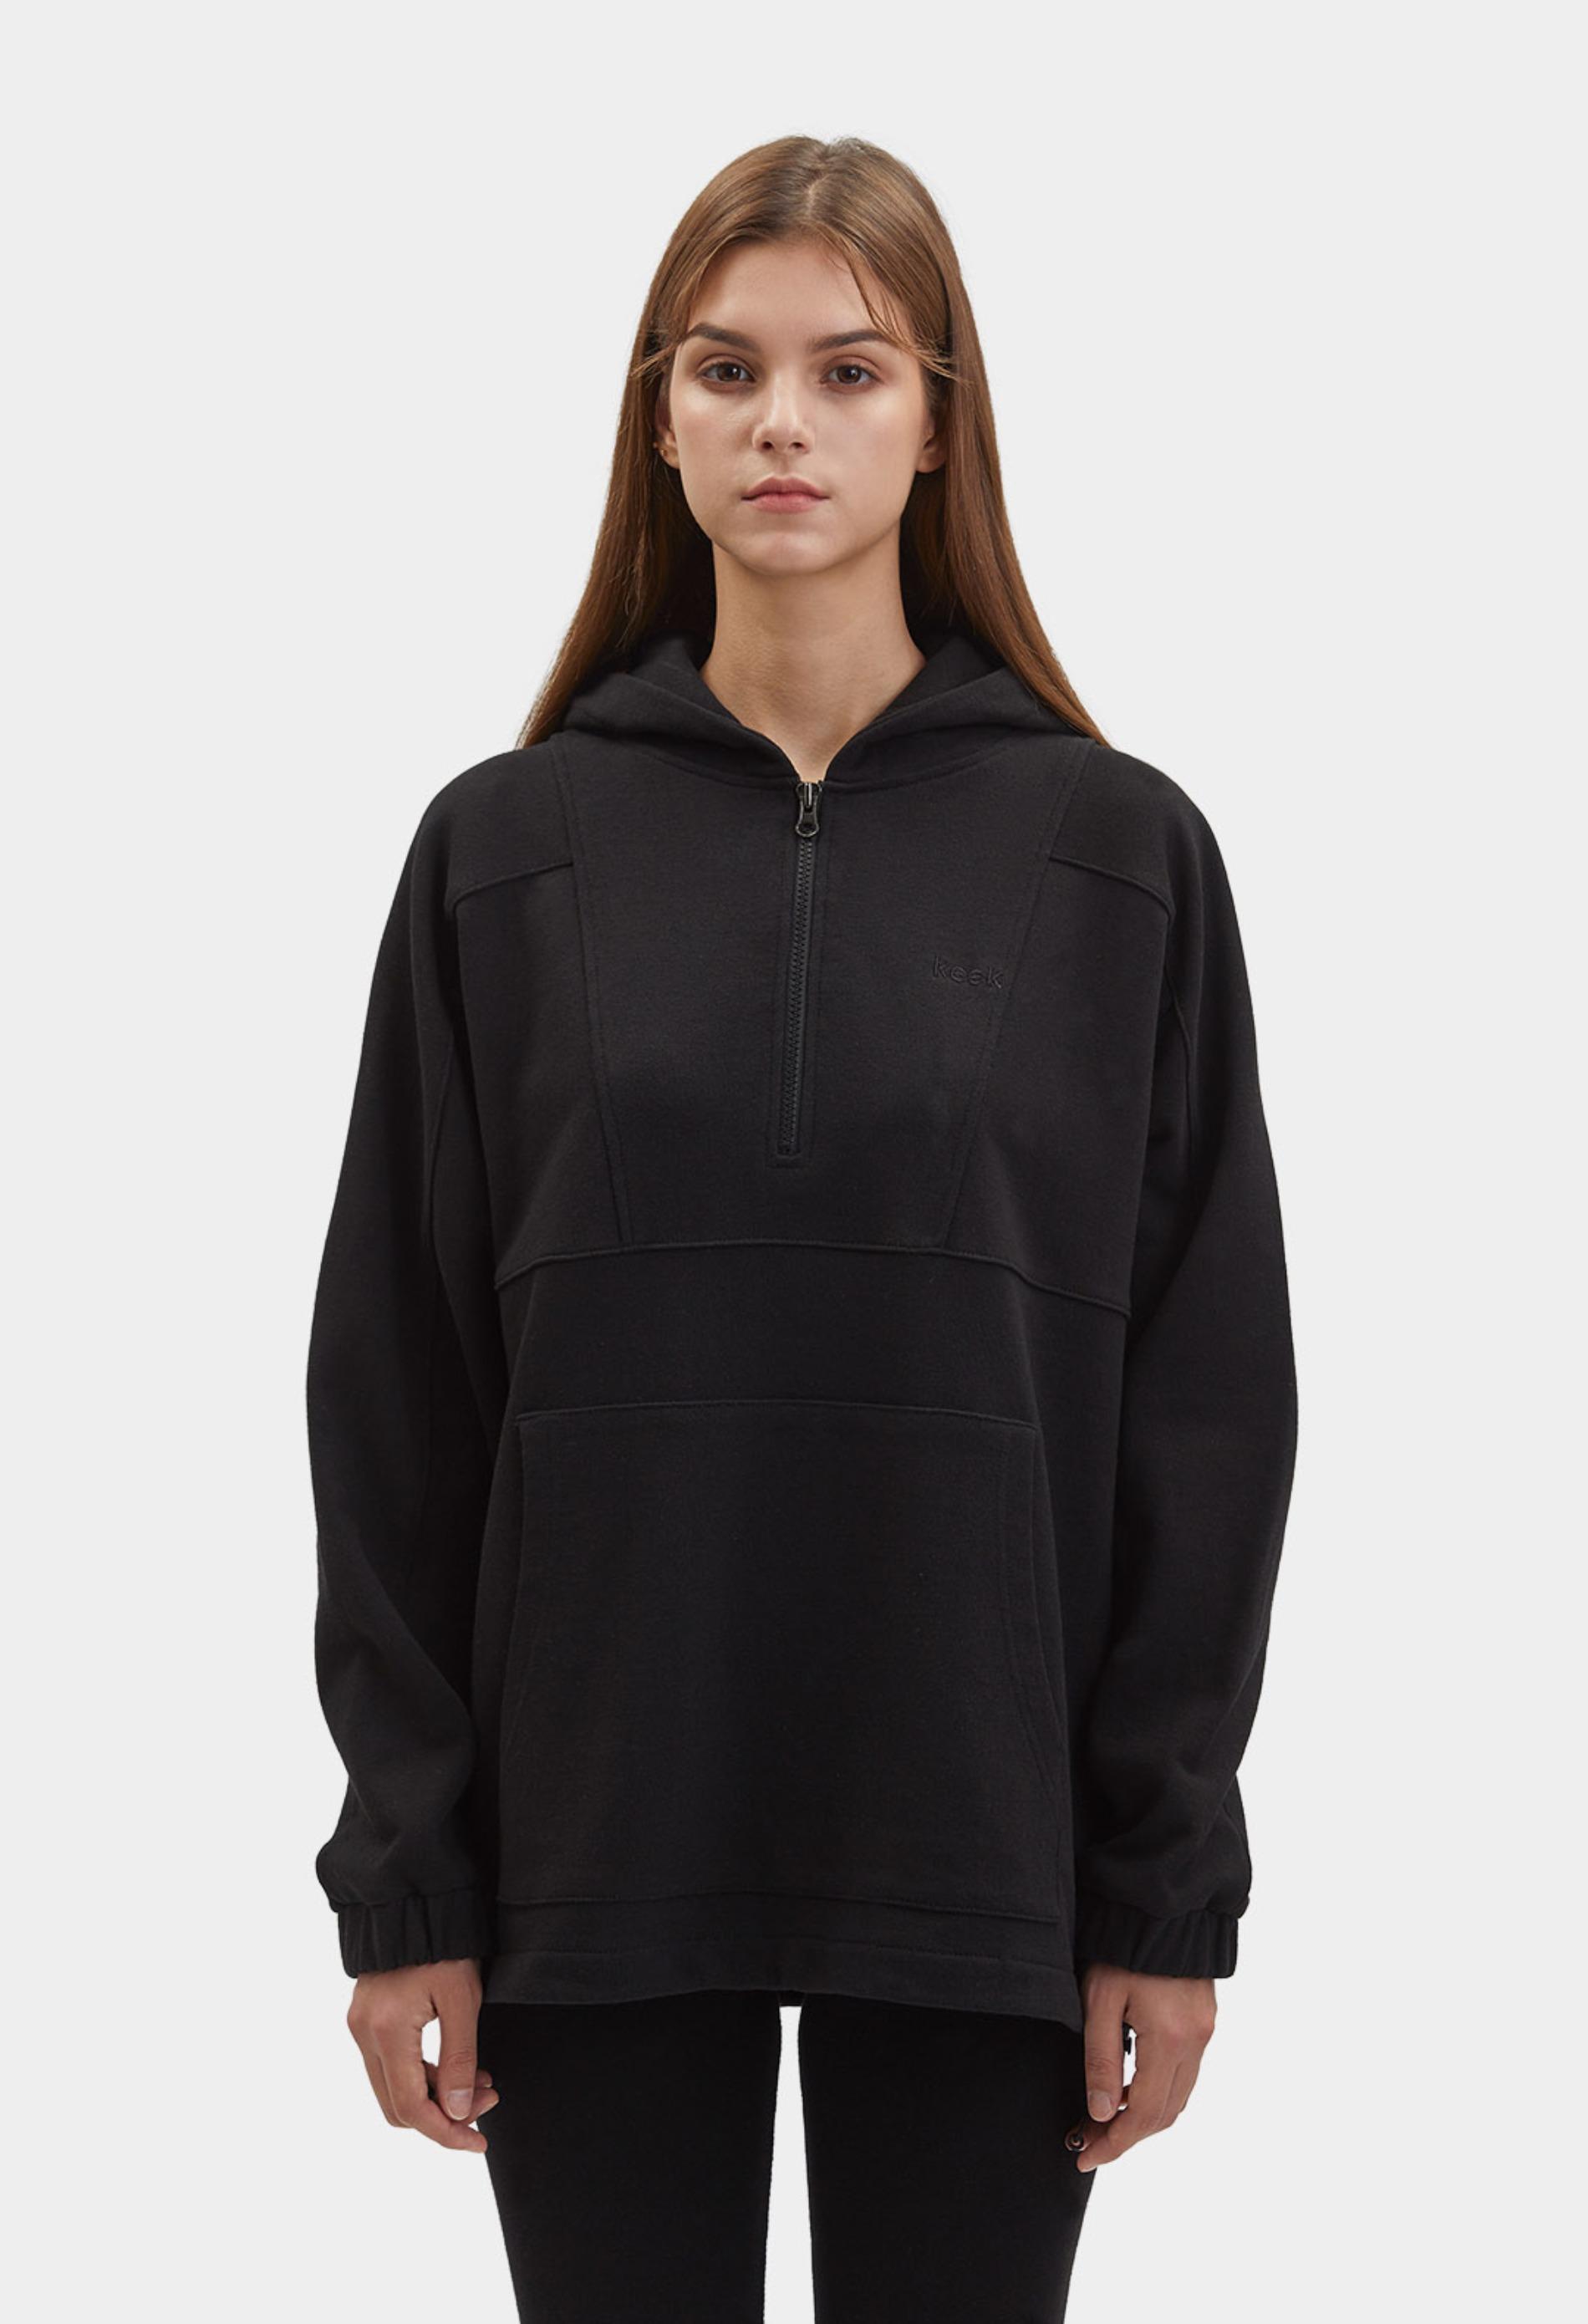 keek [Unisex] Half-Zip Hoodie - Black 스트릿패션 유니섹스브랜드 커플시밀러룩 남자쇼핑몰 여성의류쇼핑몰 후드티 힙색